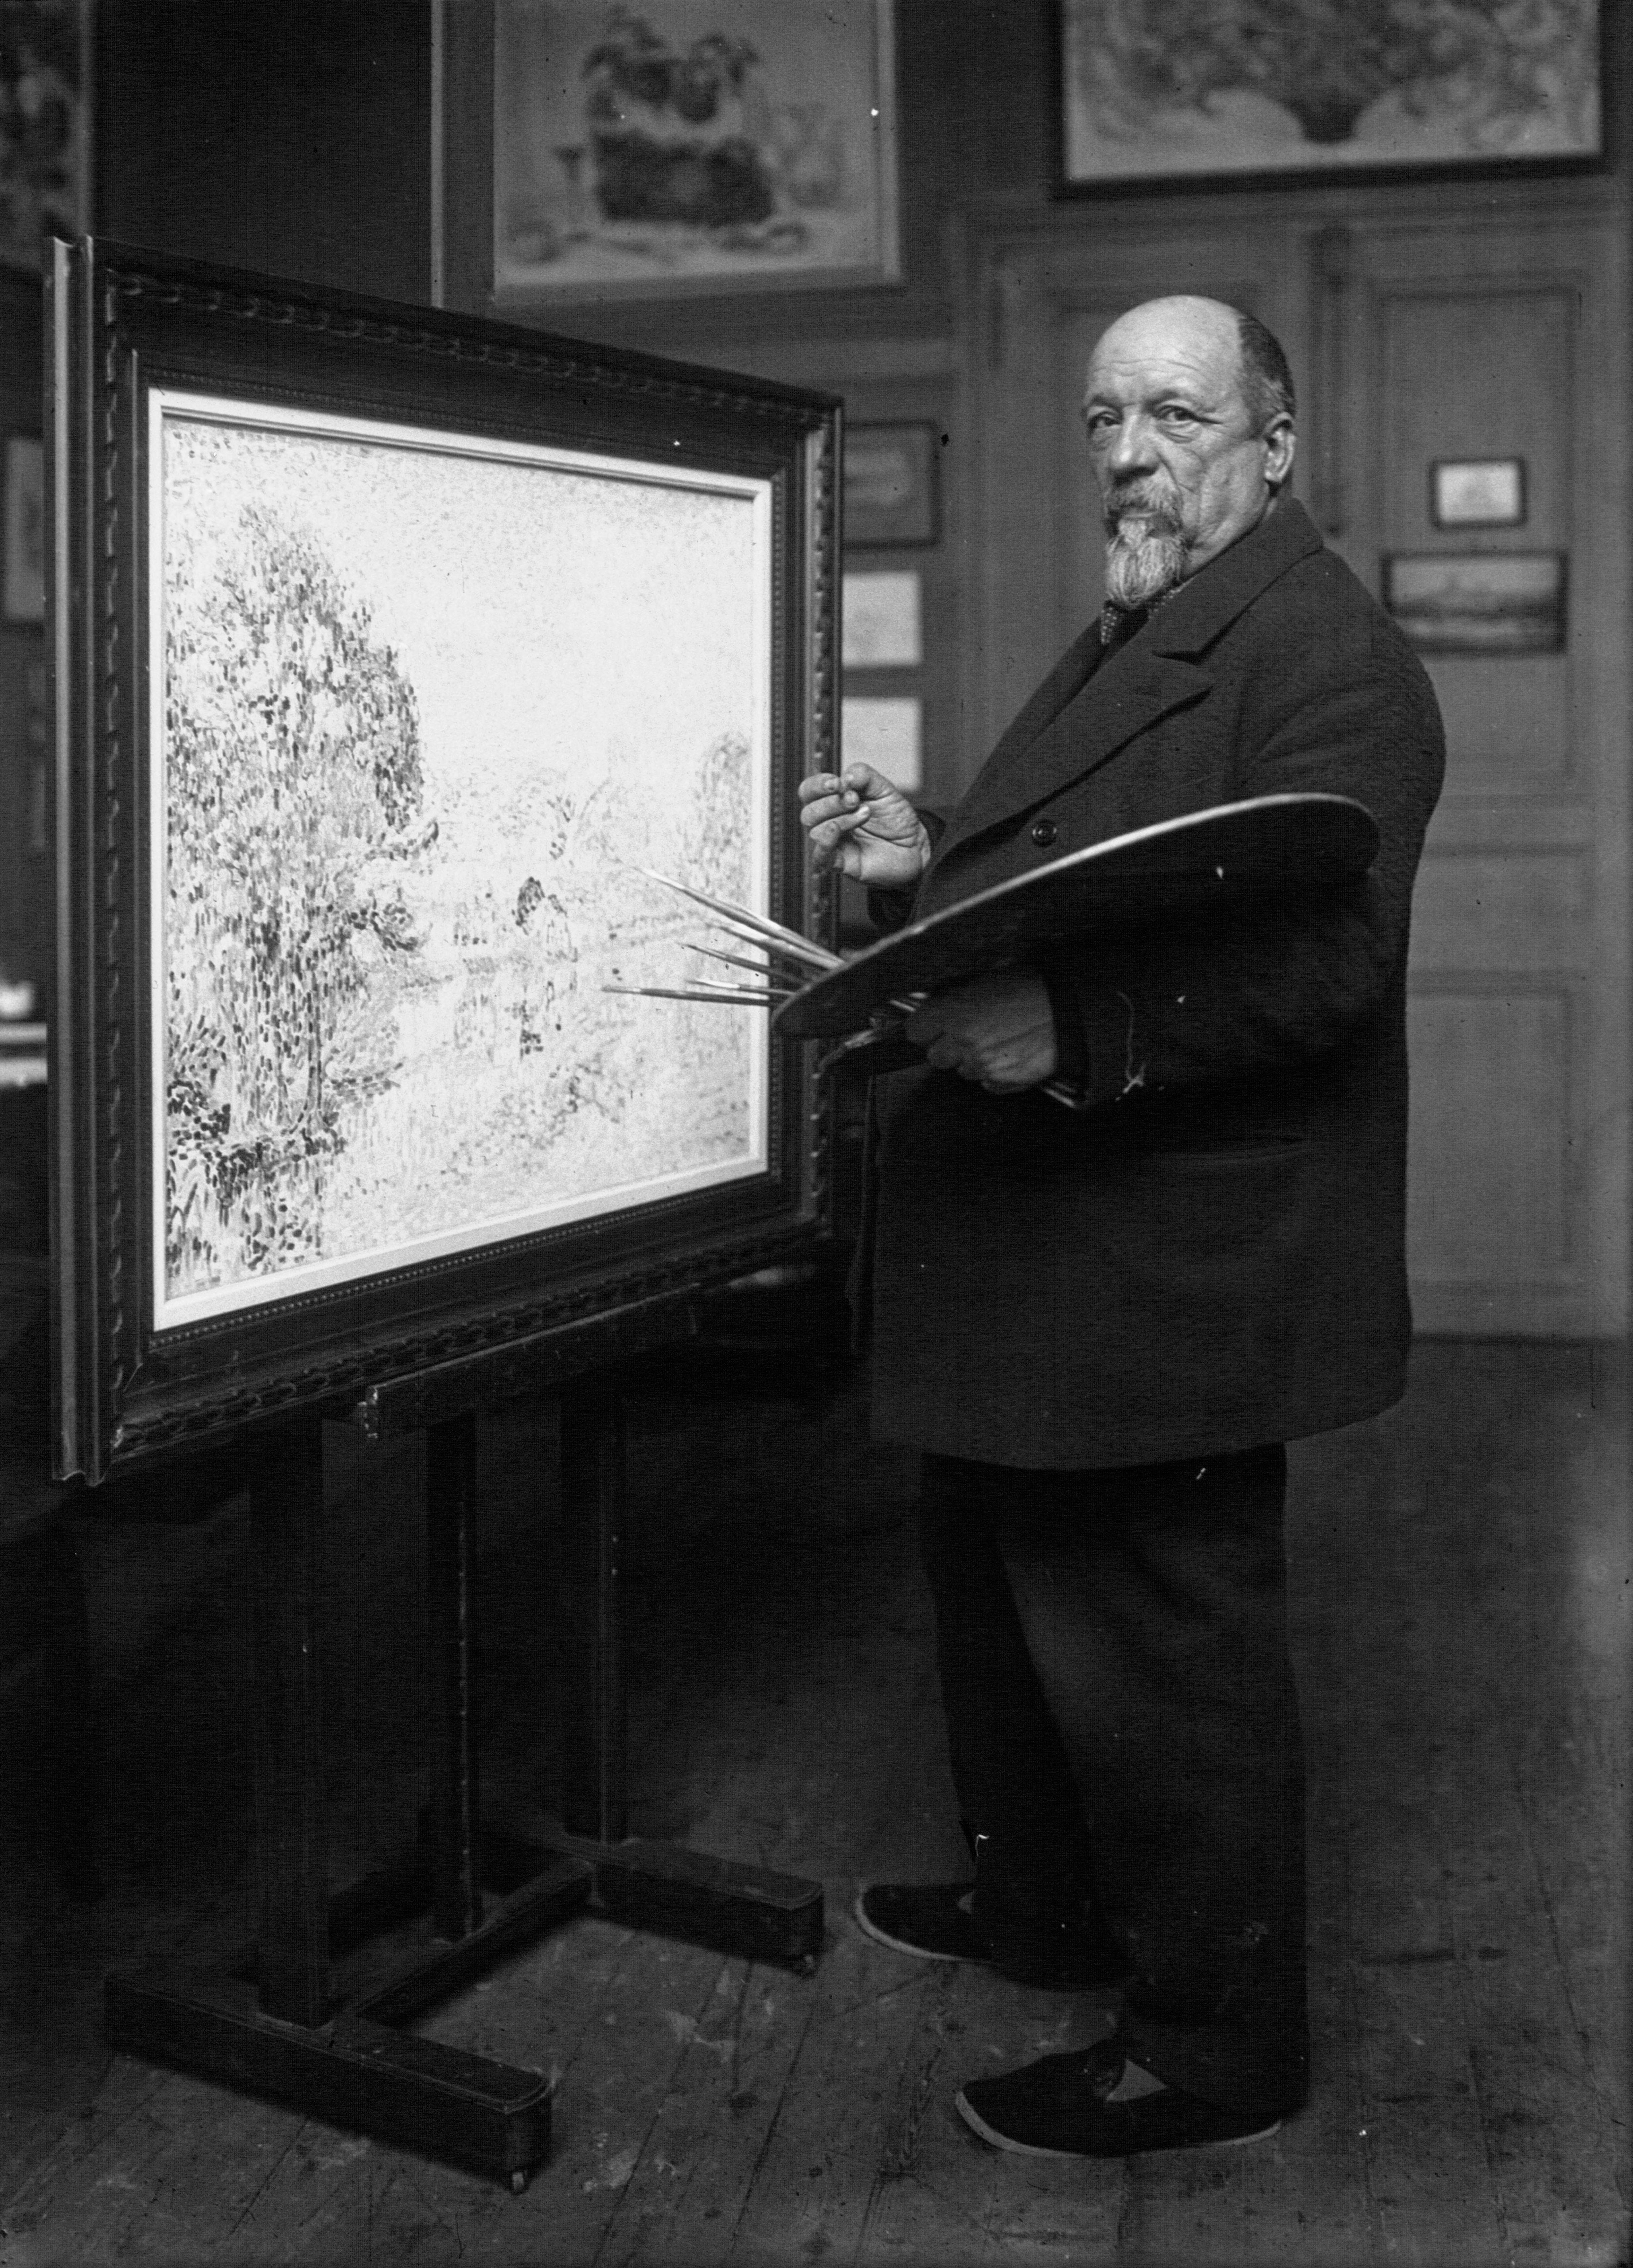 Paul Signac en 1923, image : domaine public